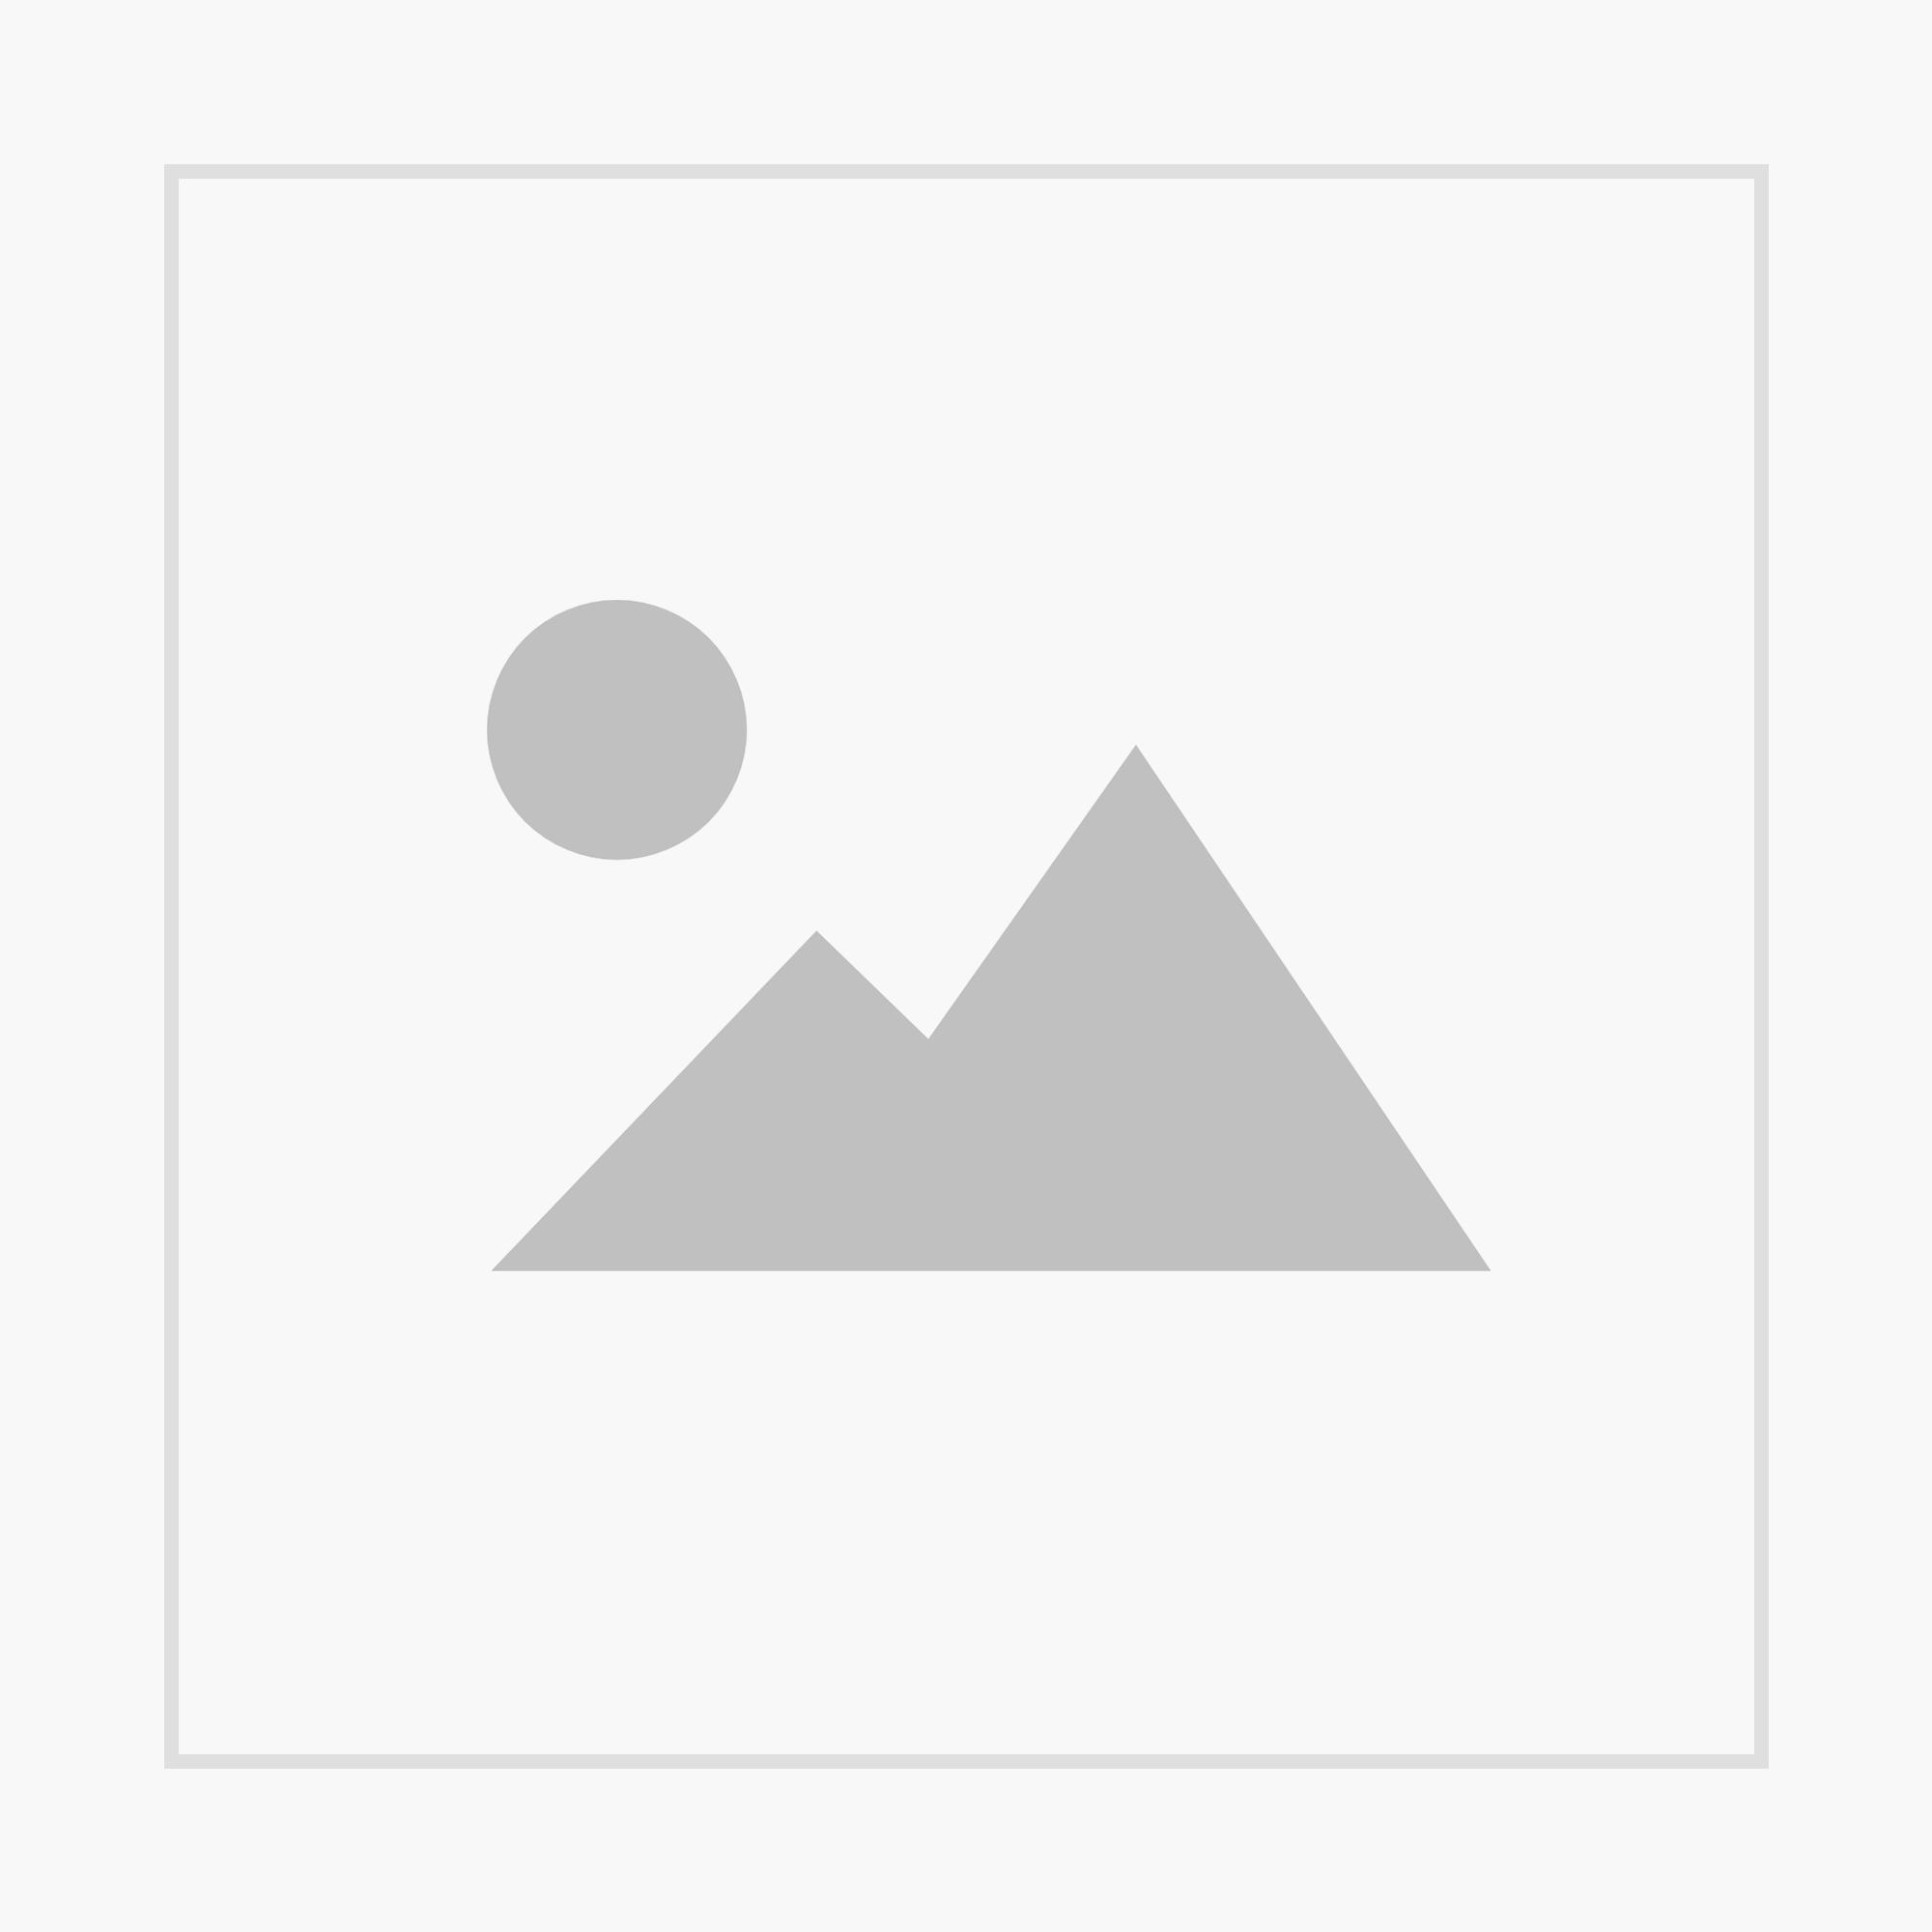 Hof Deko - Verpackungsideen und Rezepte für schöne Mitbringsel